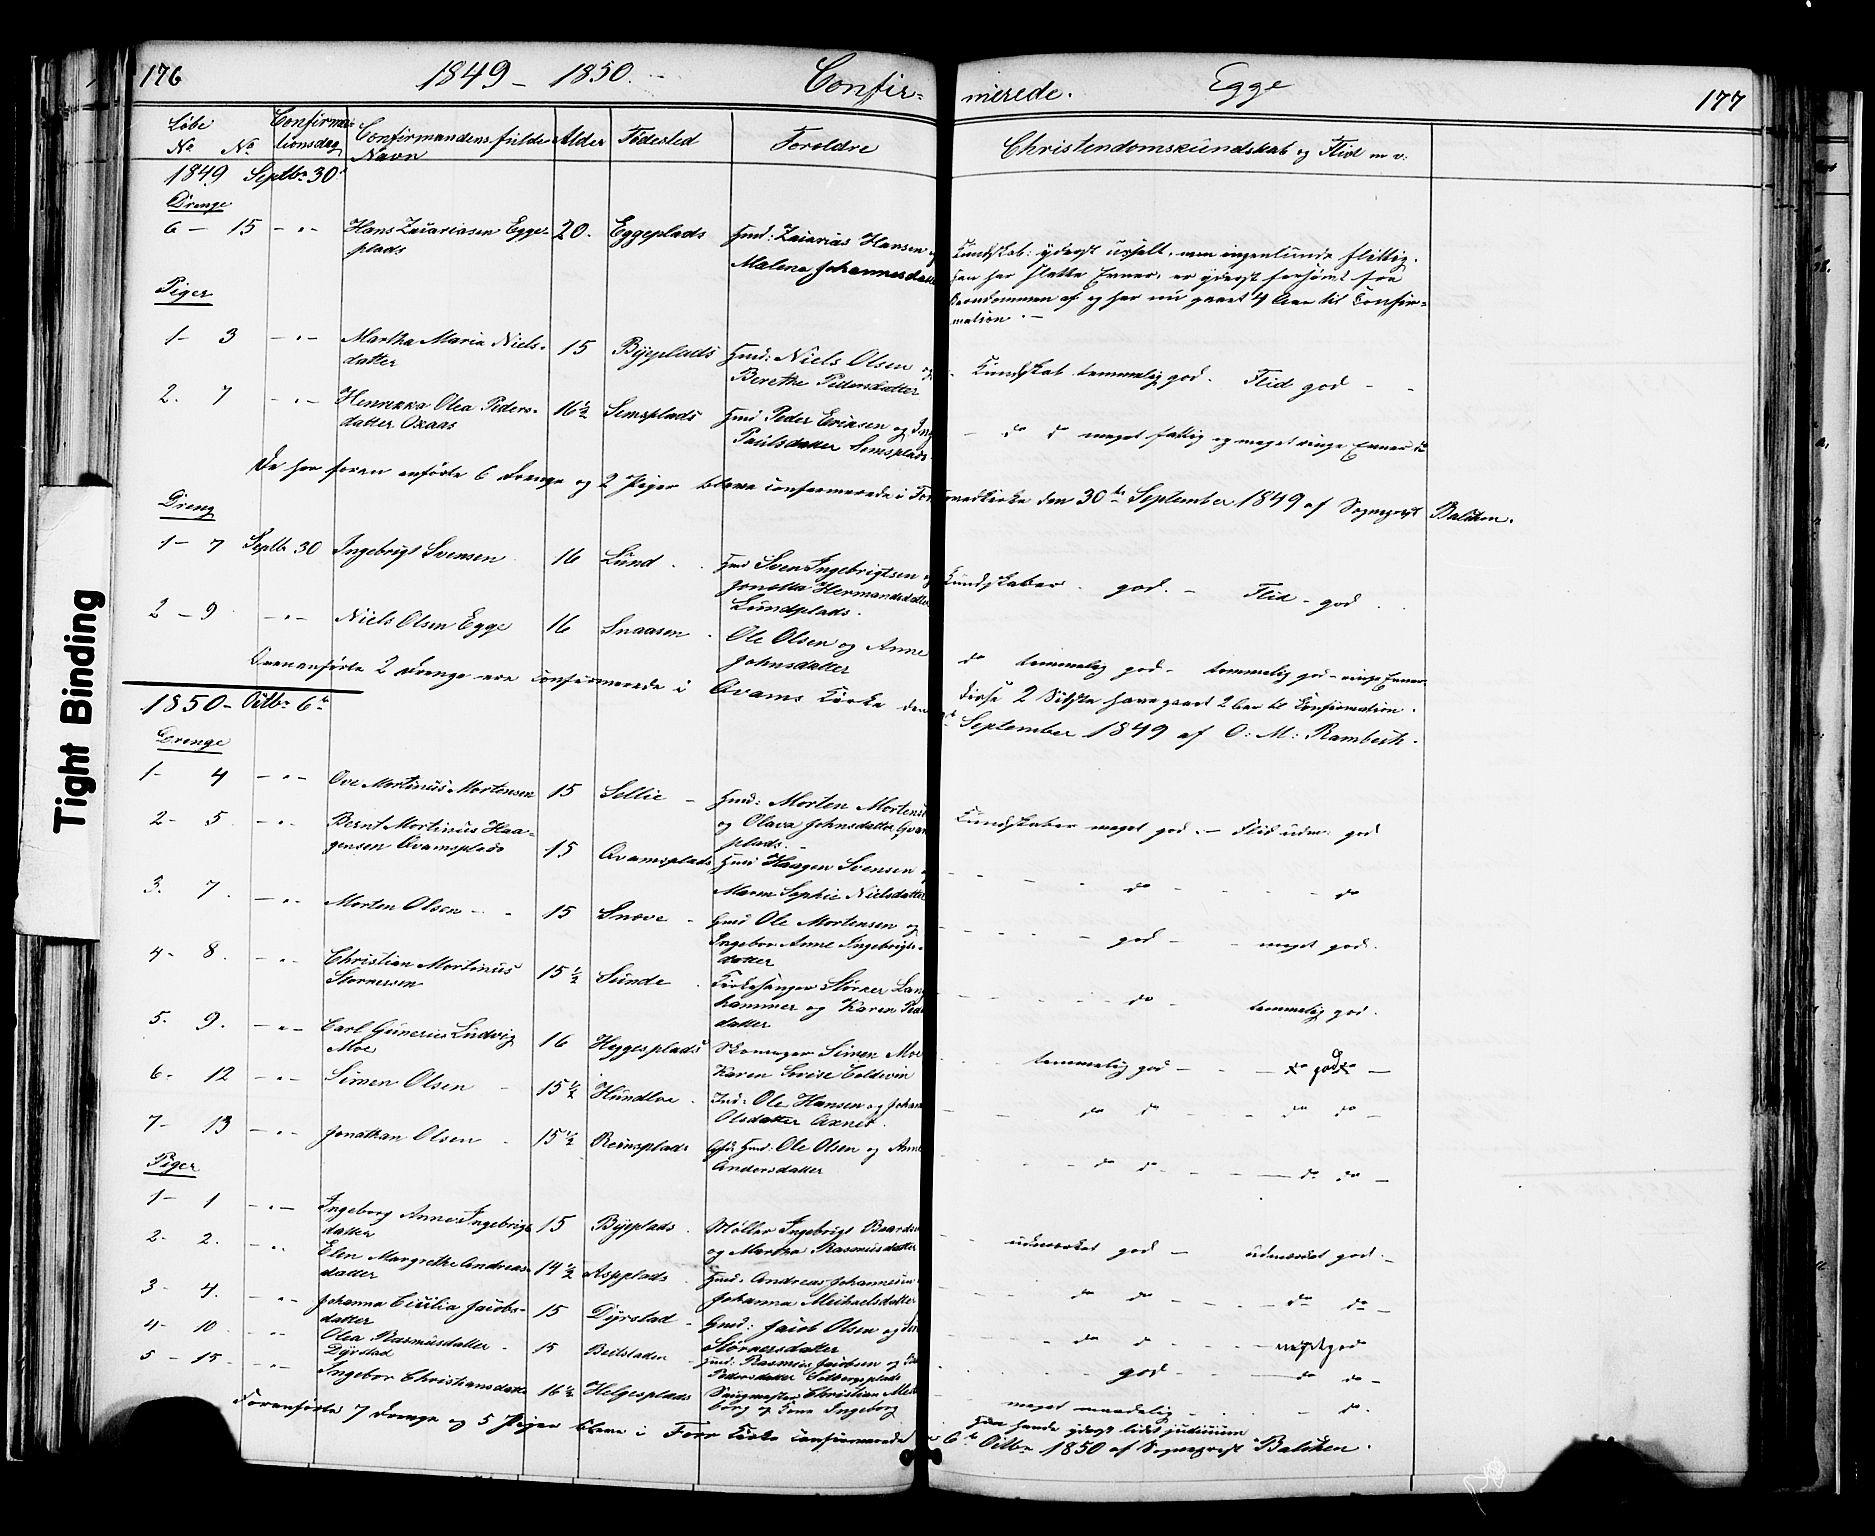 SAT, Ministerialprotokoller, klokkerbøker og fødselsregistre - Nord-Trøndelag, 739/L0367: Ministerialbok nr. 739A01 /3, 1838-1868, s. 176-177